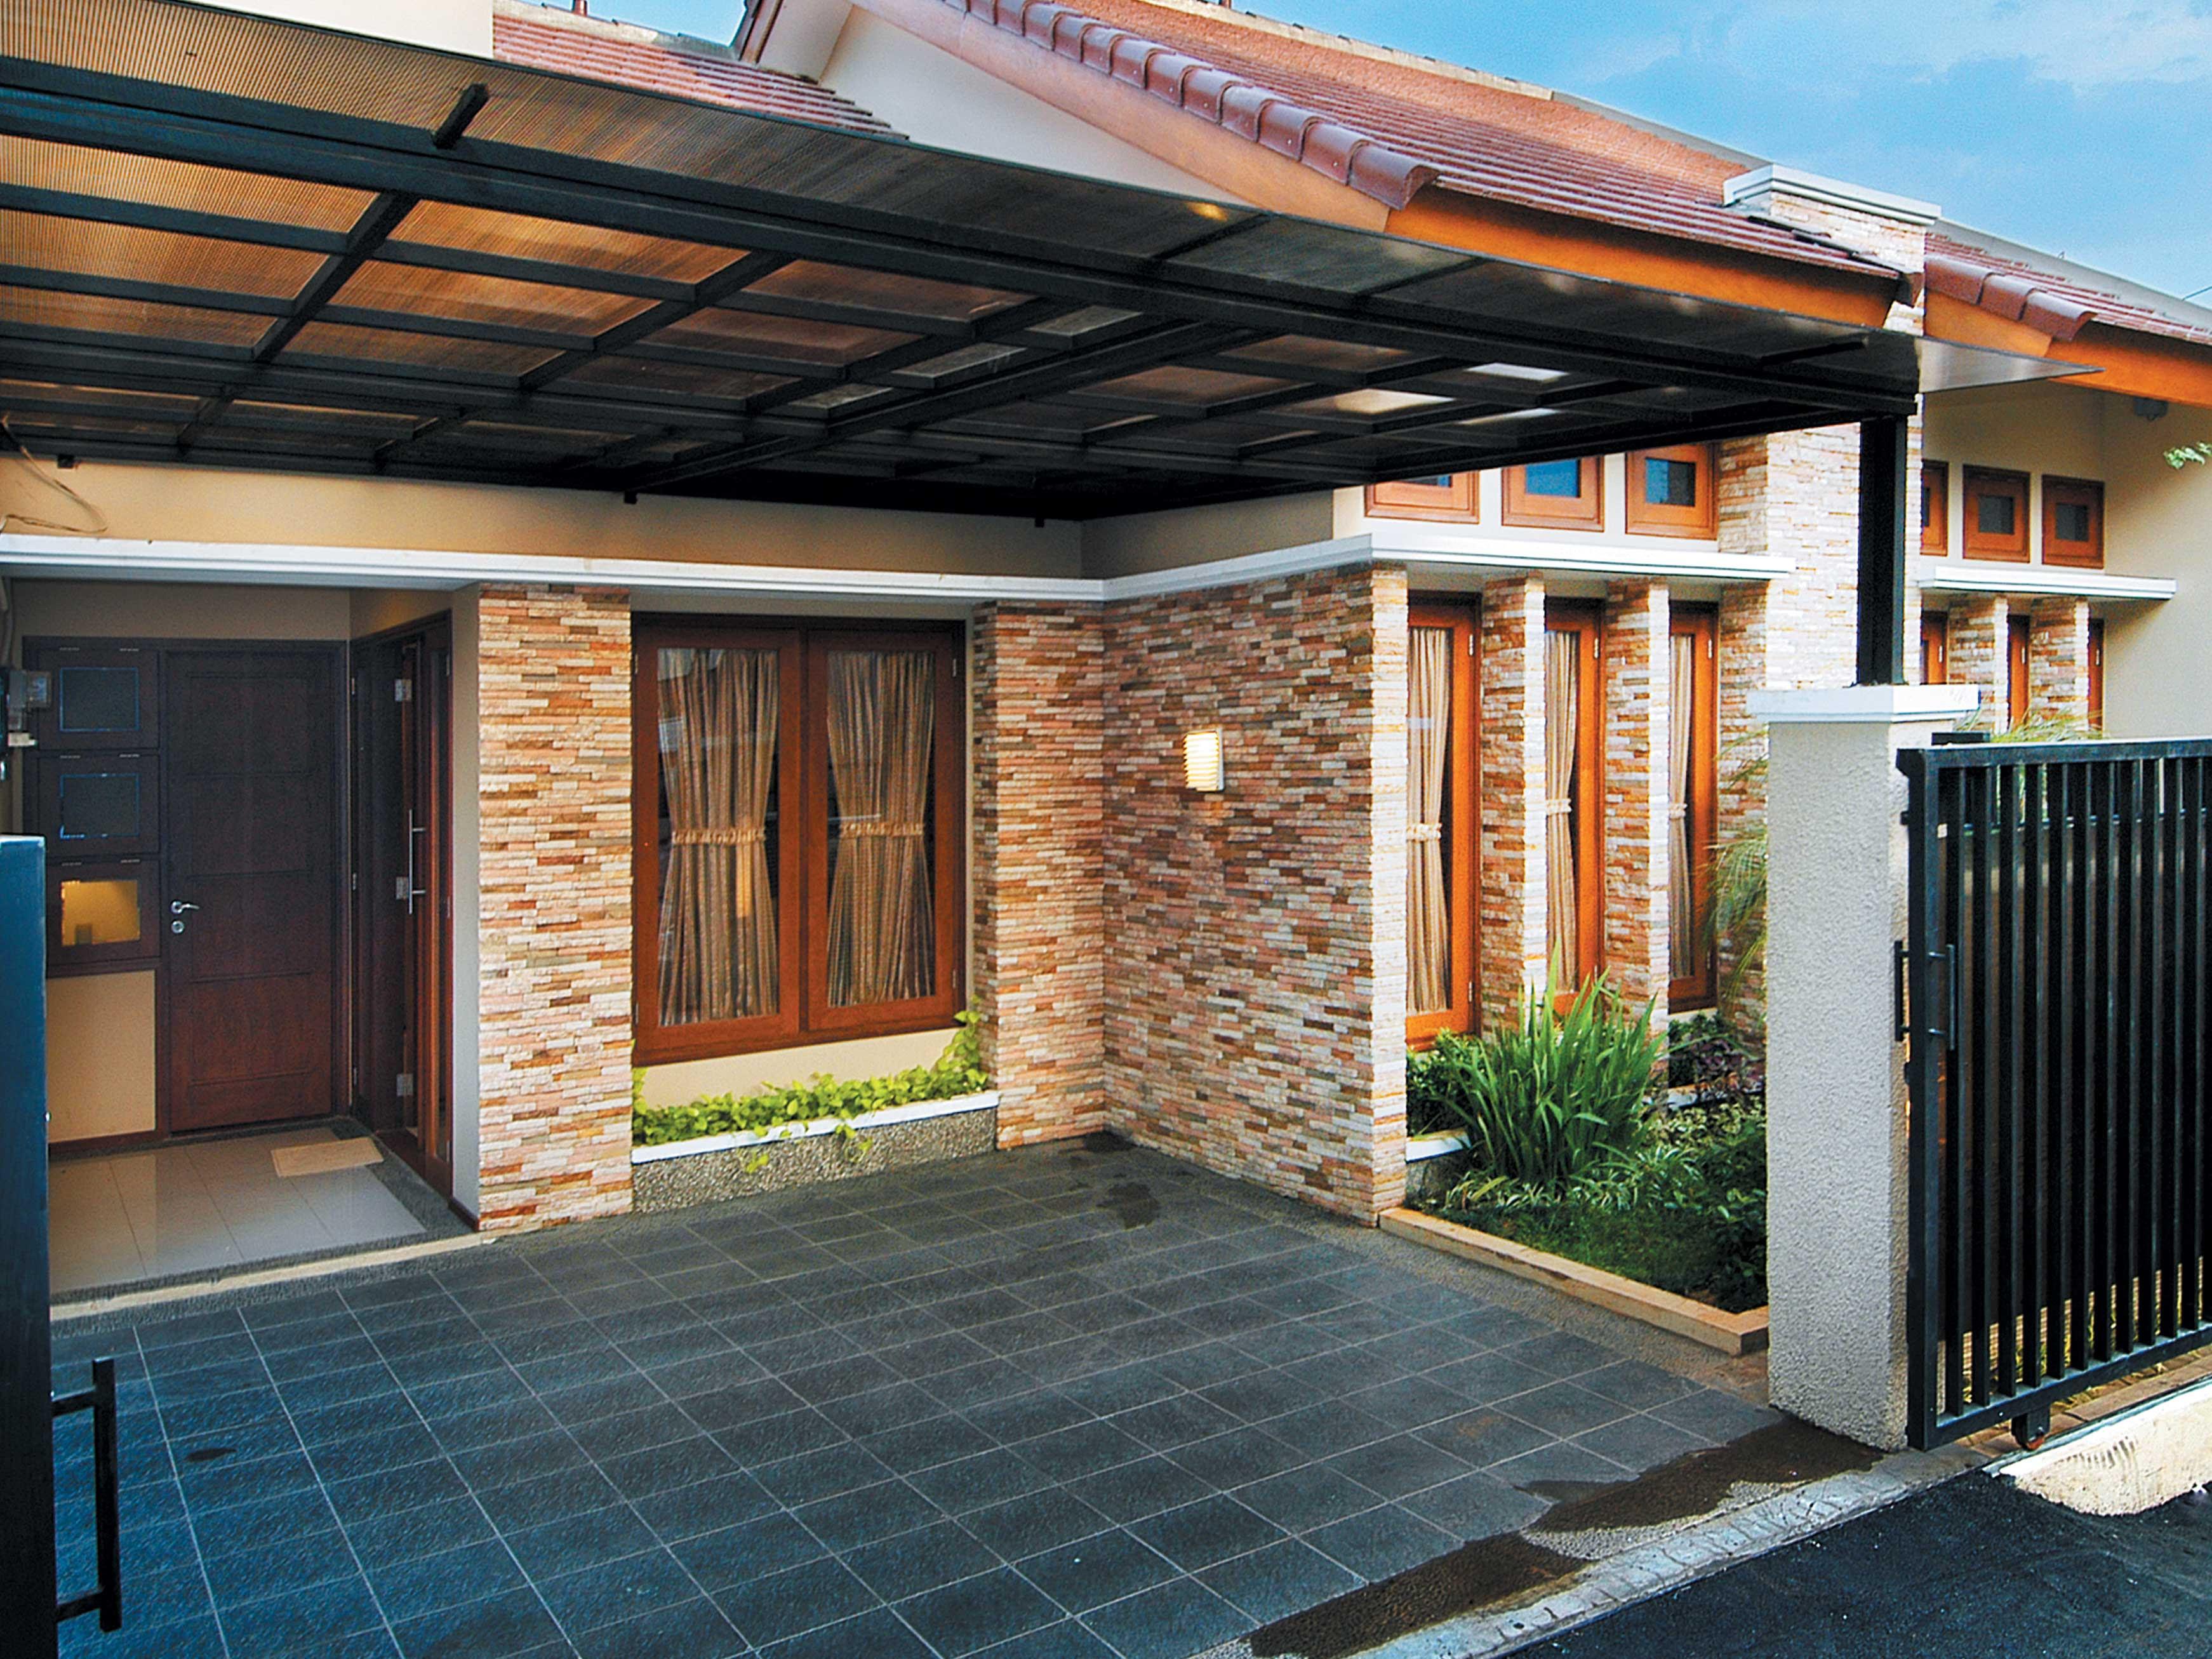 76 Gambar Tampak Depan Rumah Minimalis Bata Expose HD Terbaru